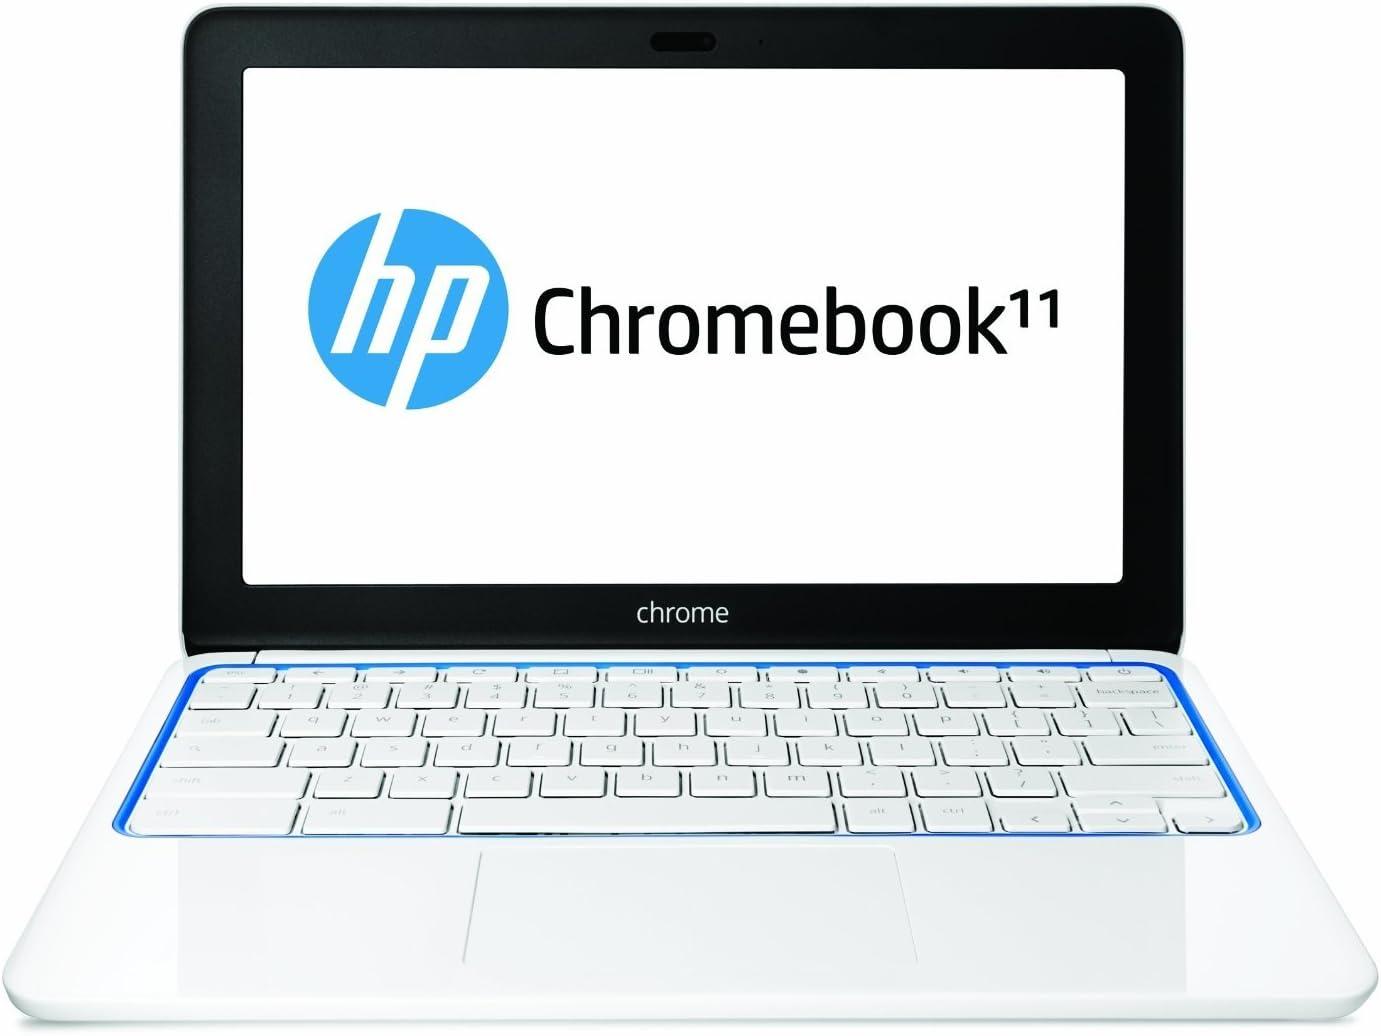 """HP Chromebook 11 Samsung Exynos 5250 1.70GHz, 2GB RAM, 16GB eMMC, 11.6"""" IPS UMA, No Optical, 802.11a/b/g/n, Bluetooth, Webcam, 30 Wh Li-Polymer"""